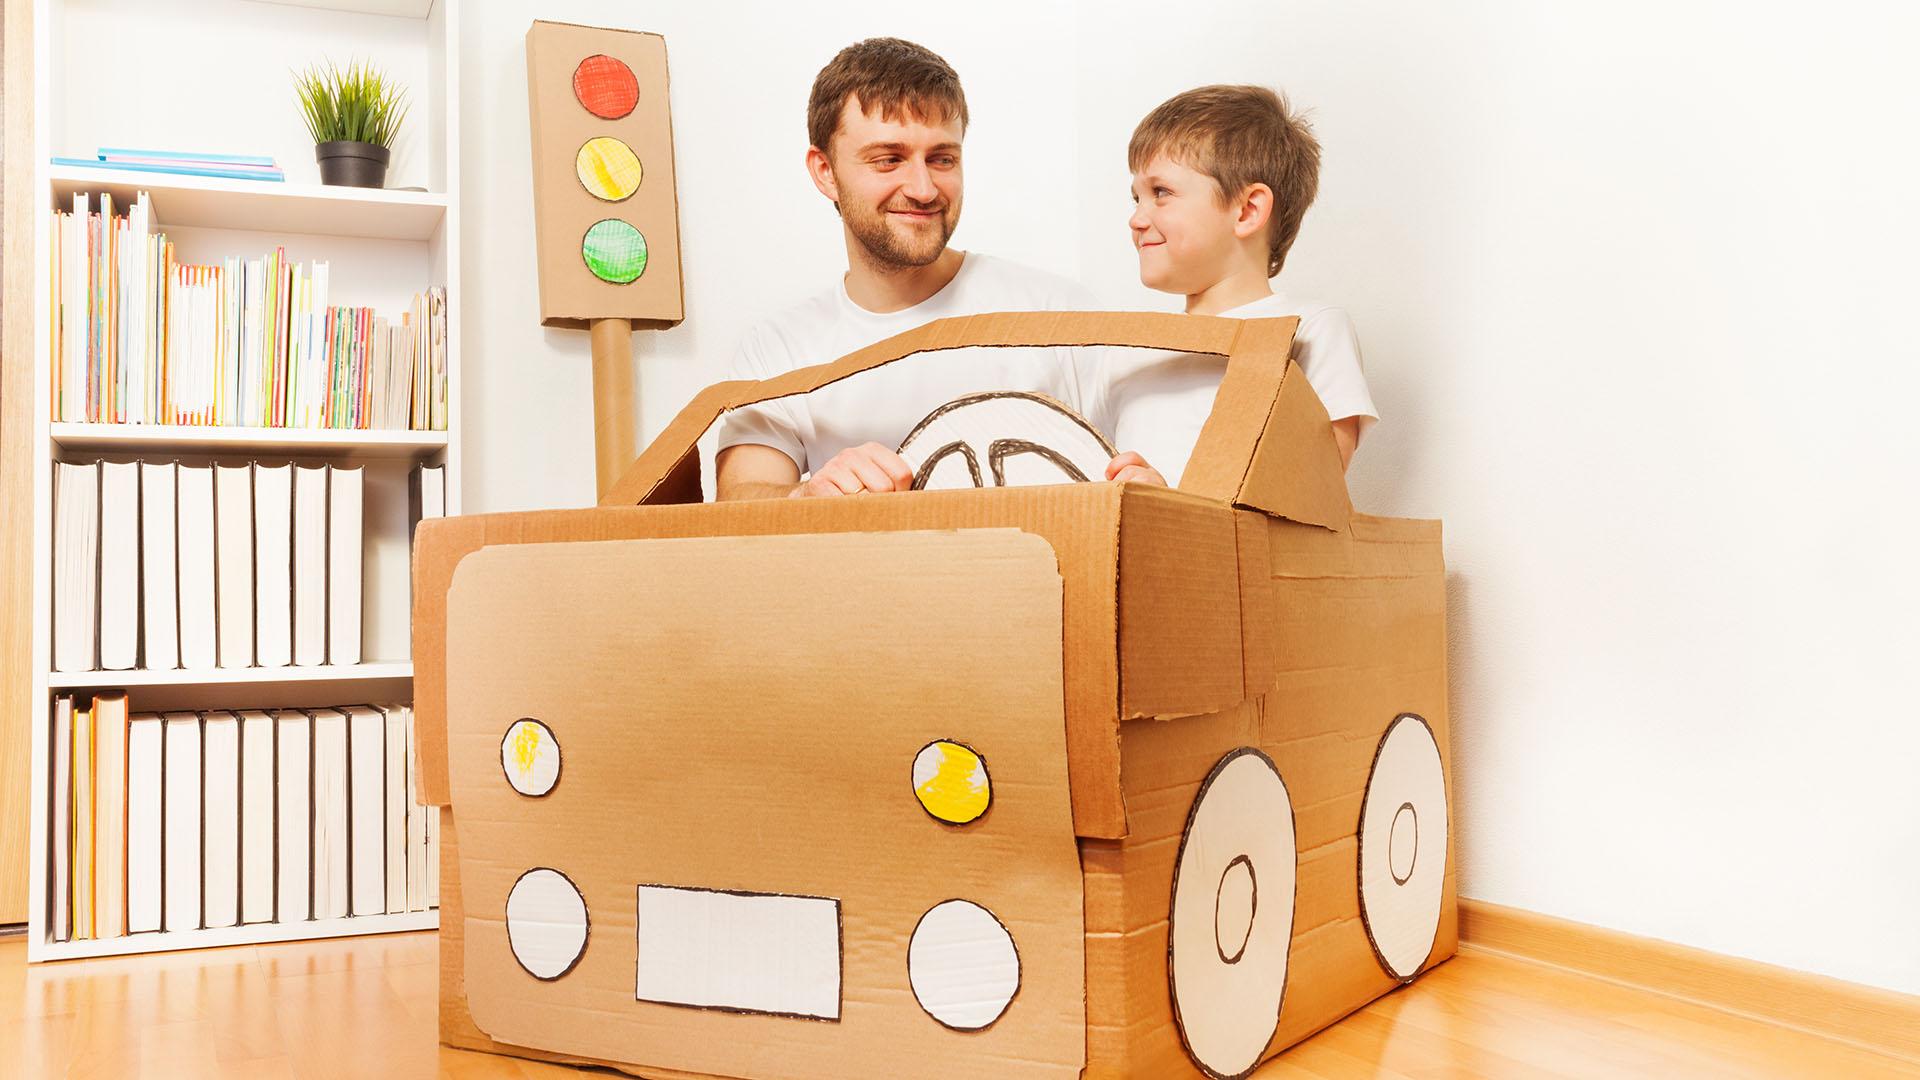 El rol paterno en la familia moderna es mucho más rico y creativo que antaño (iStock)